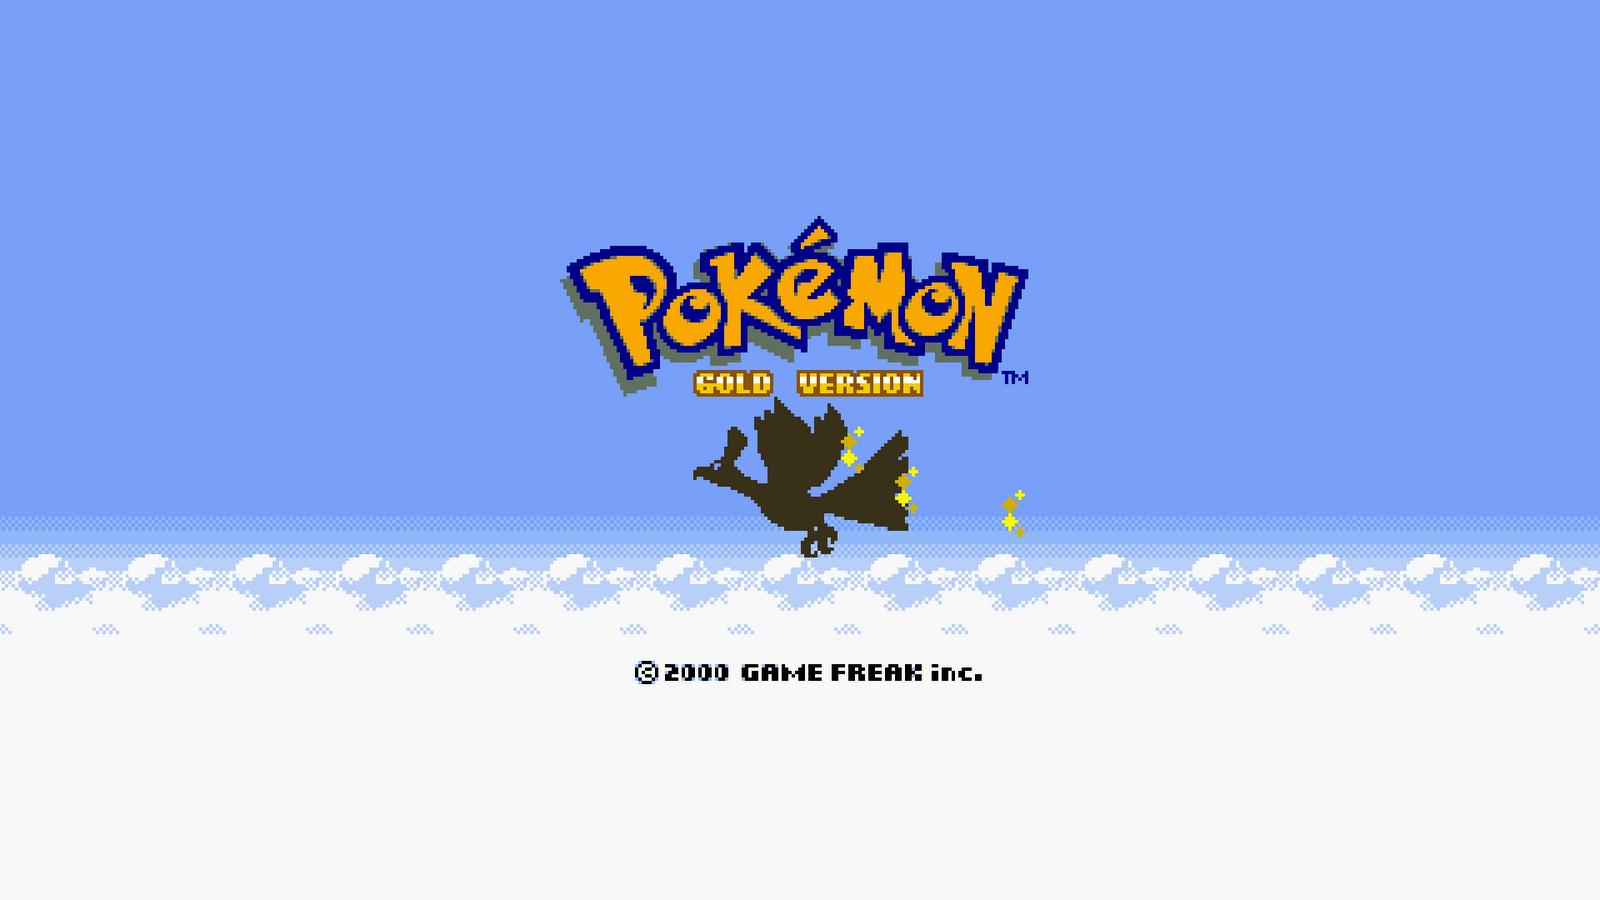 http://1.bp.blogspot.com/-3qCvBQAzi3I/UF9rwj6P0jI/AAAAAAAACOY/dj7xlD2JvcQ/s1600/Pokemon+8+bit+gold+wallpaper.png